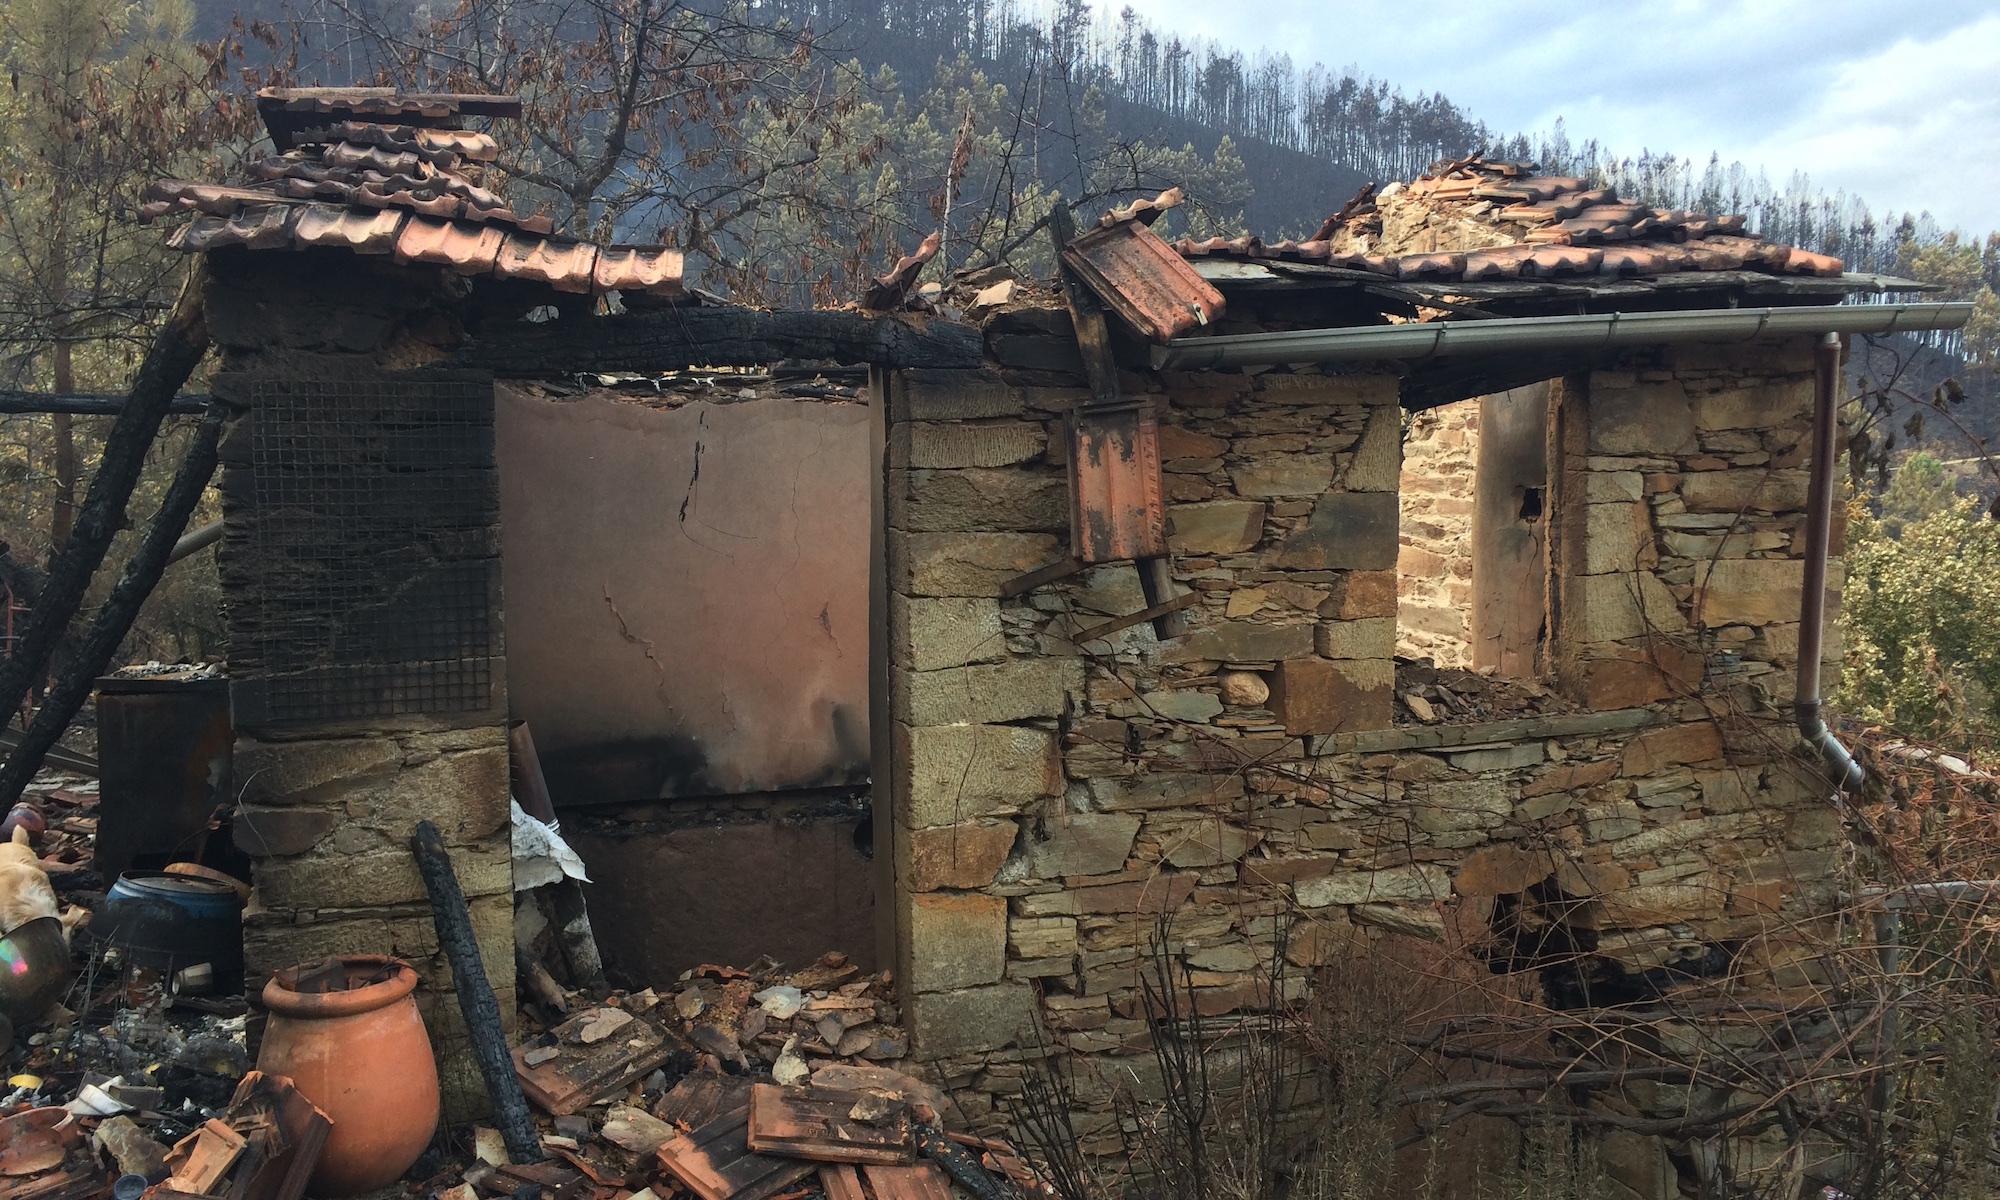 Base de dados de necessidades comunitárias pós-incêndios • Post-Fire Community Needs Database